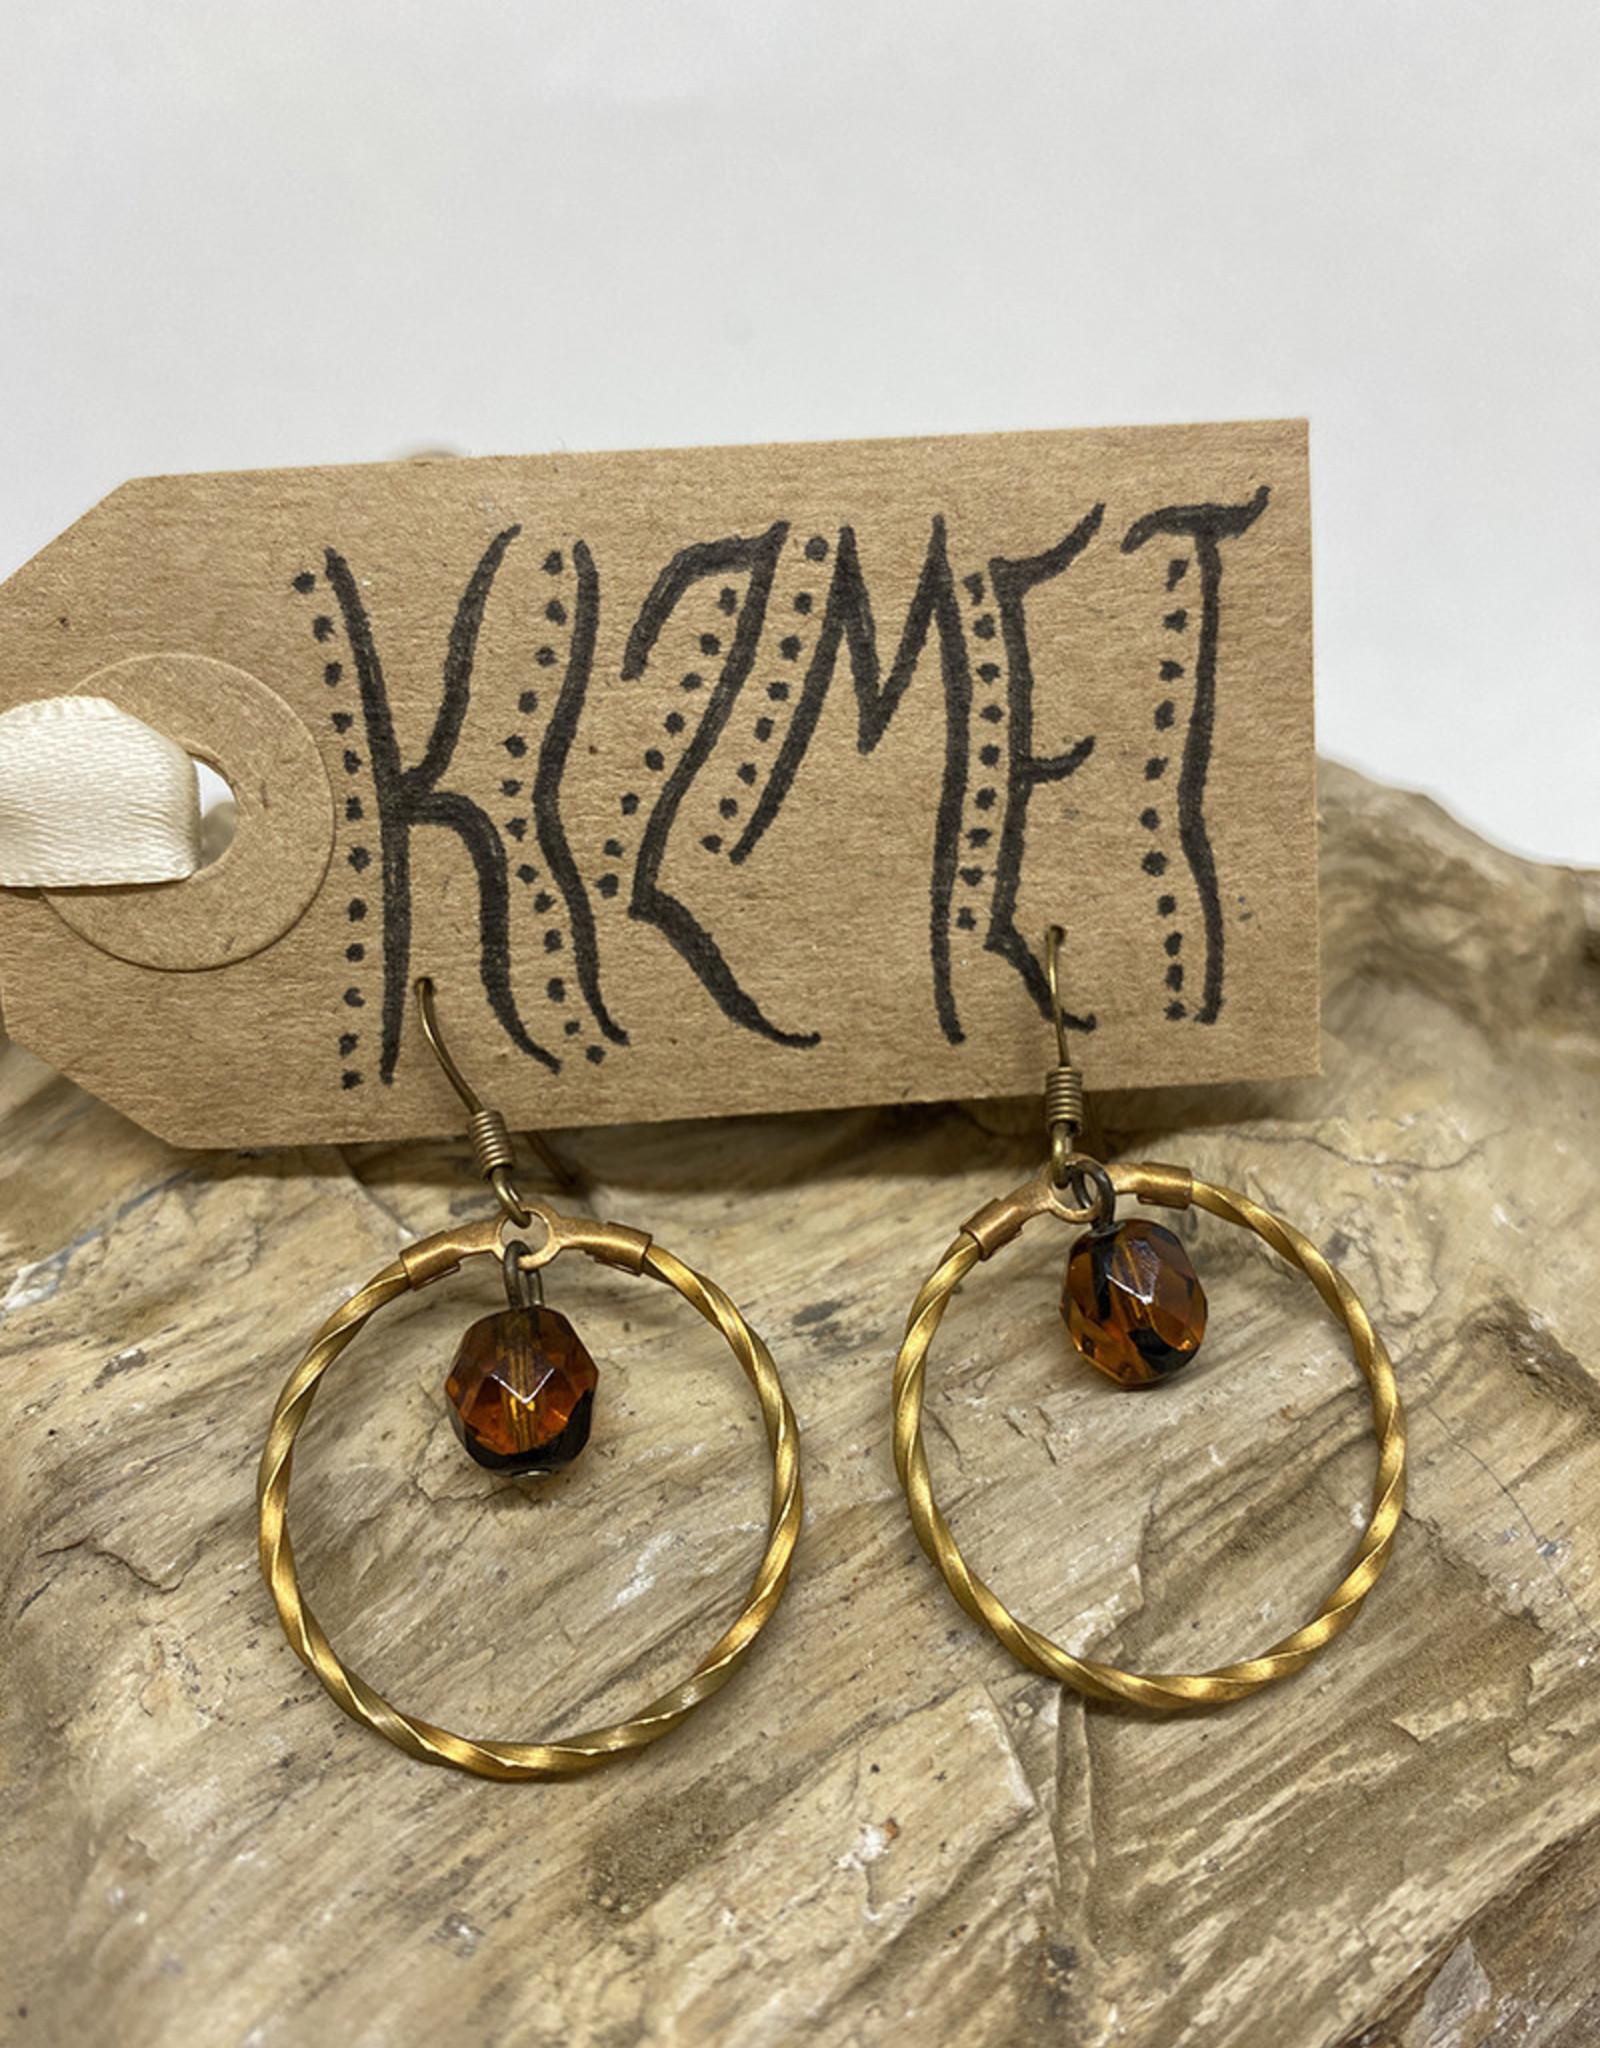 kizmet jewelry Amber Jewel in Brass Twisted Circle Earrings by Kizmet Jewelry